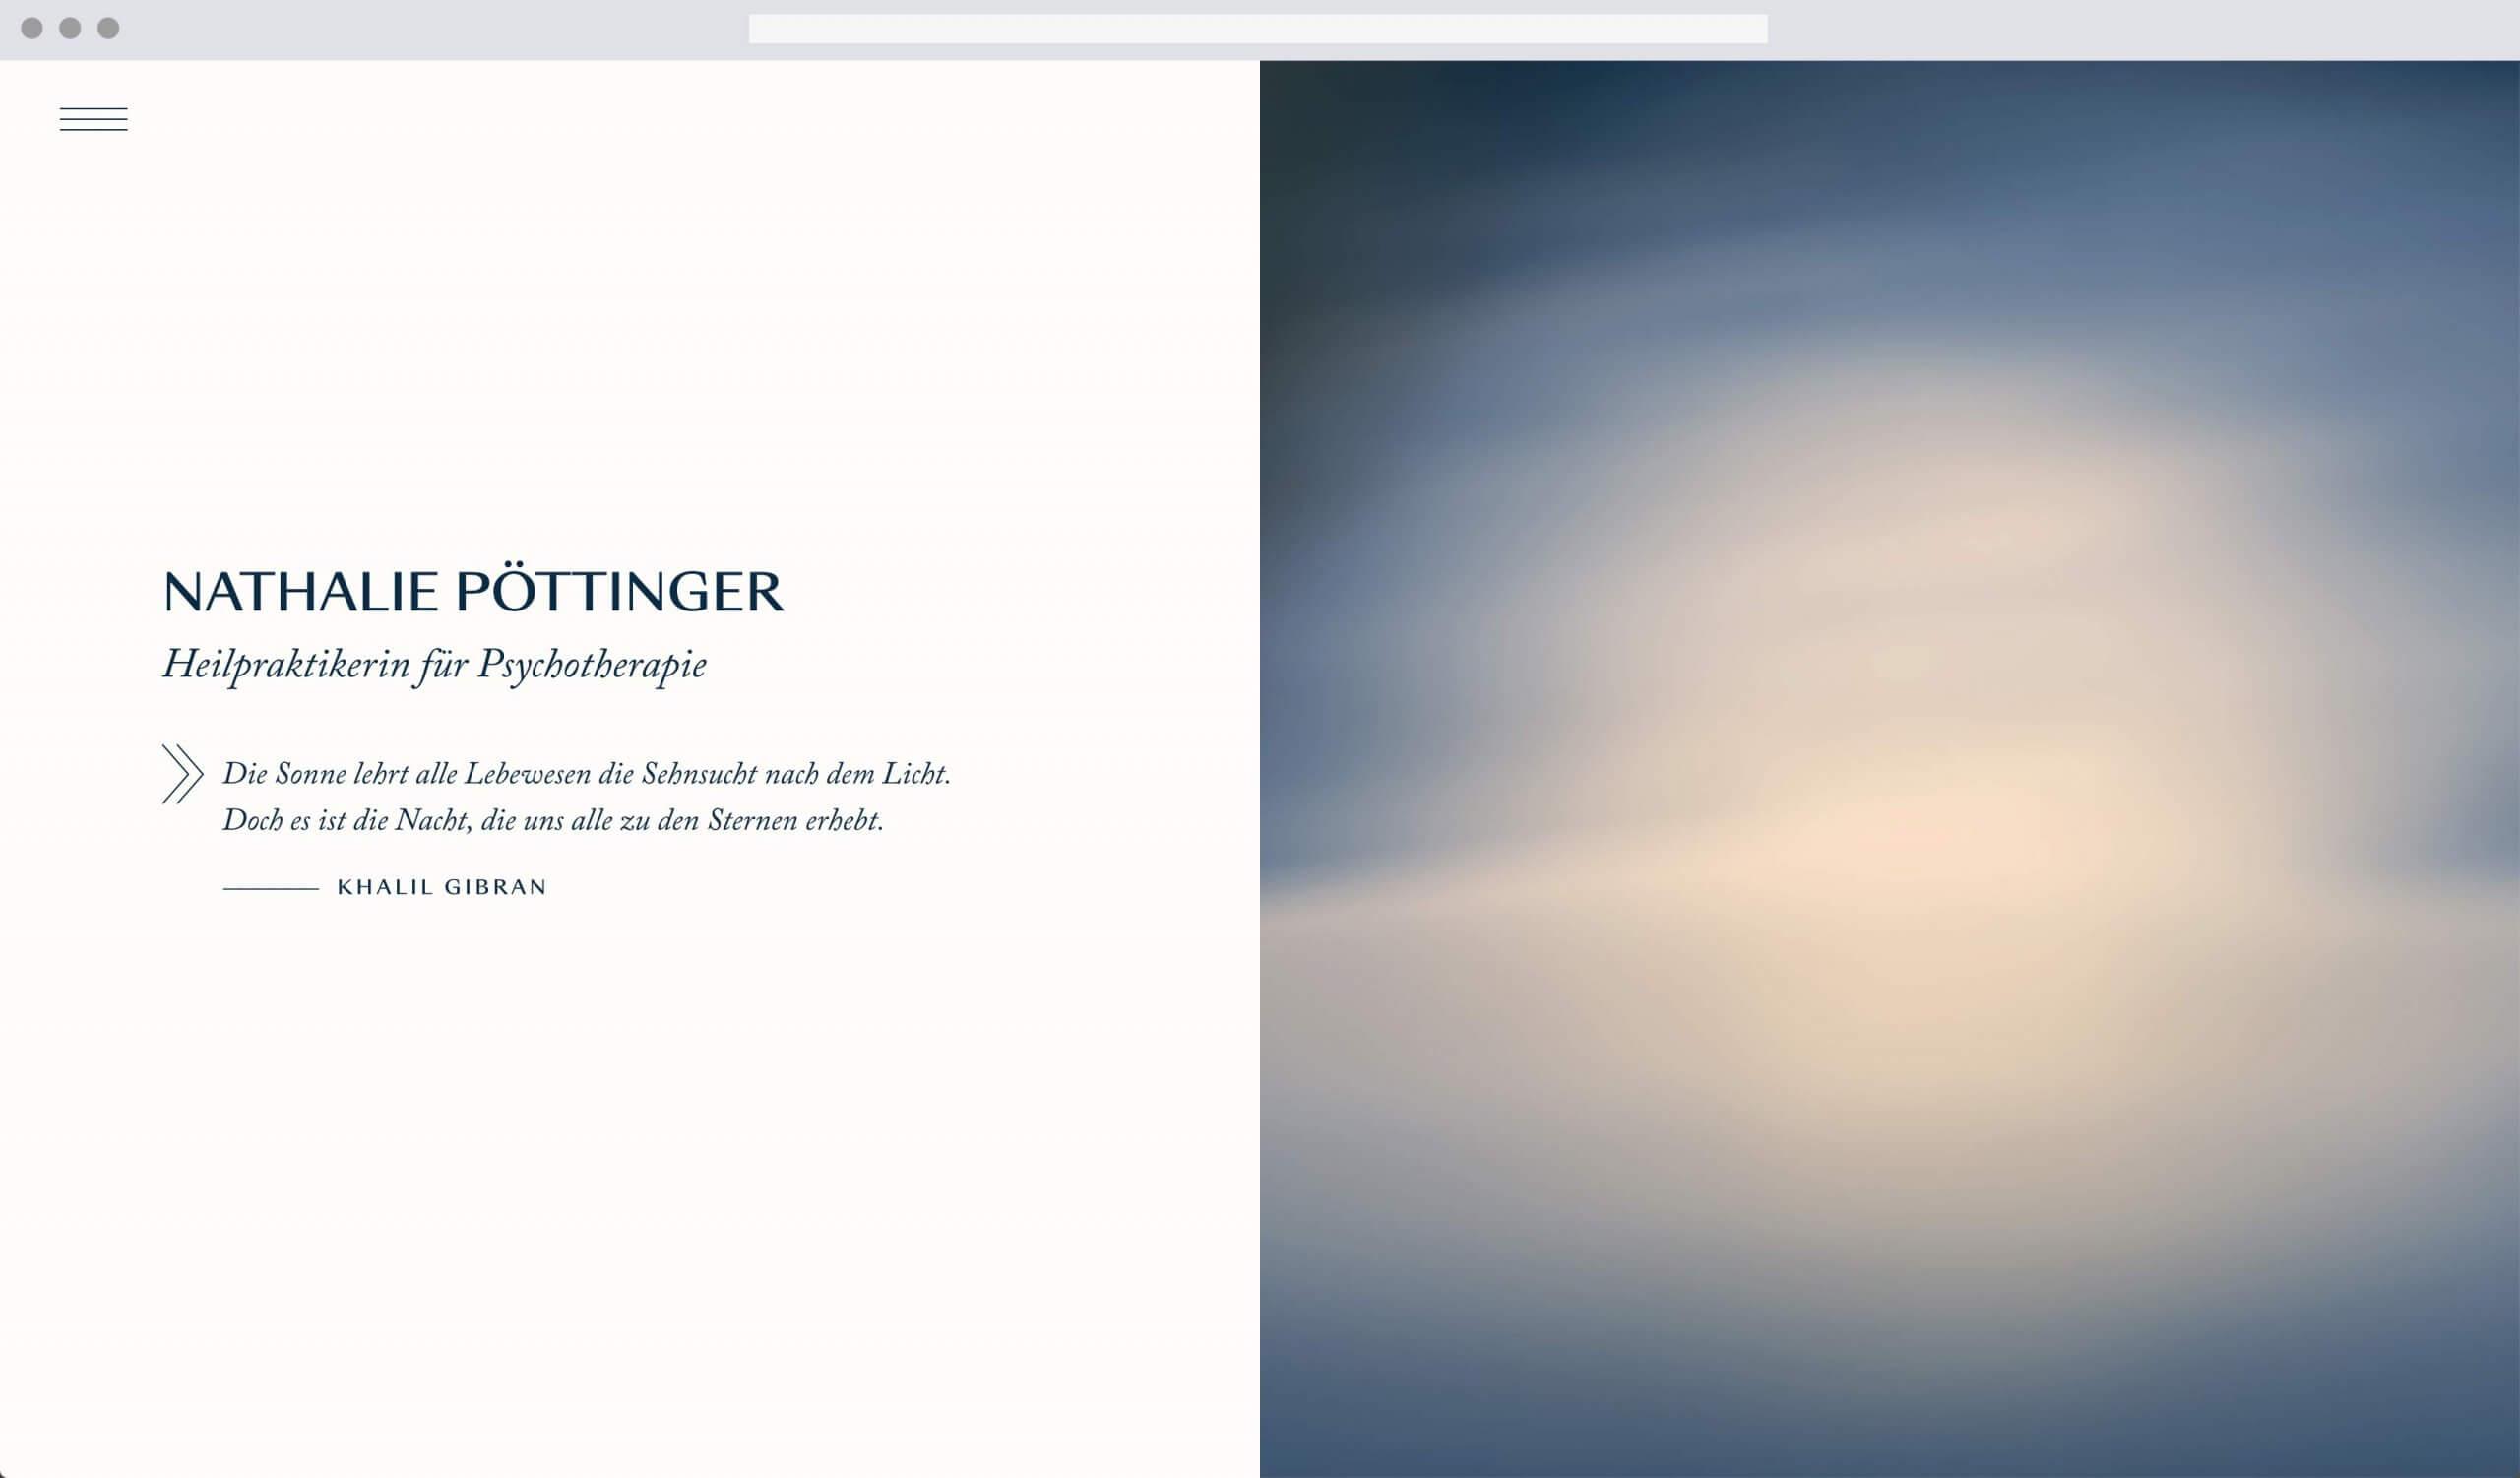 poettinger-website-landing